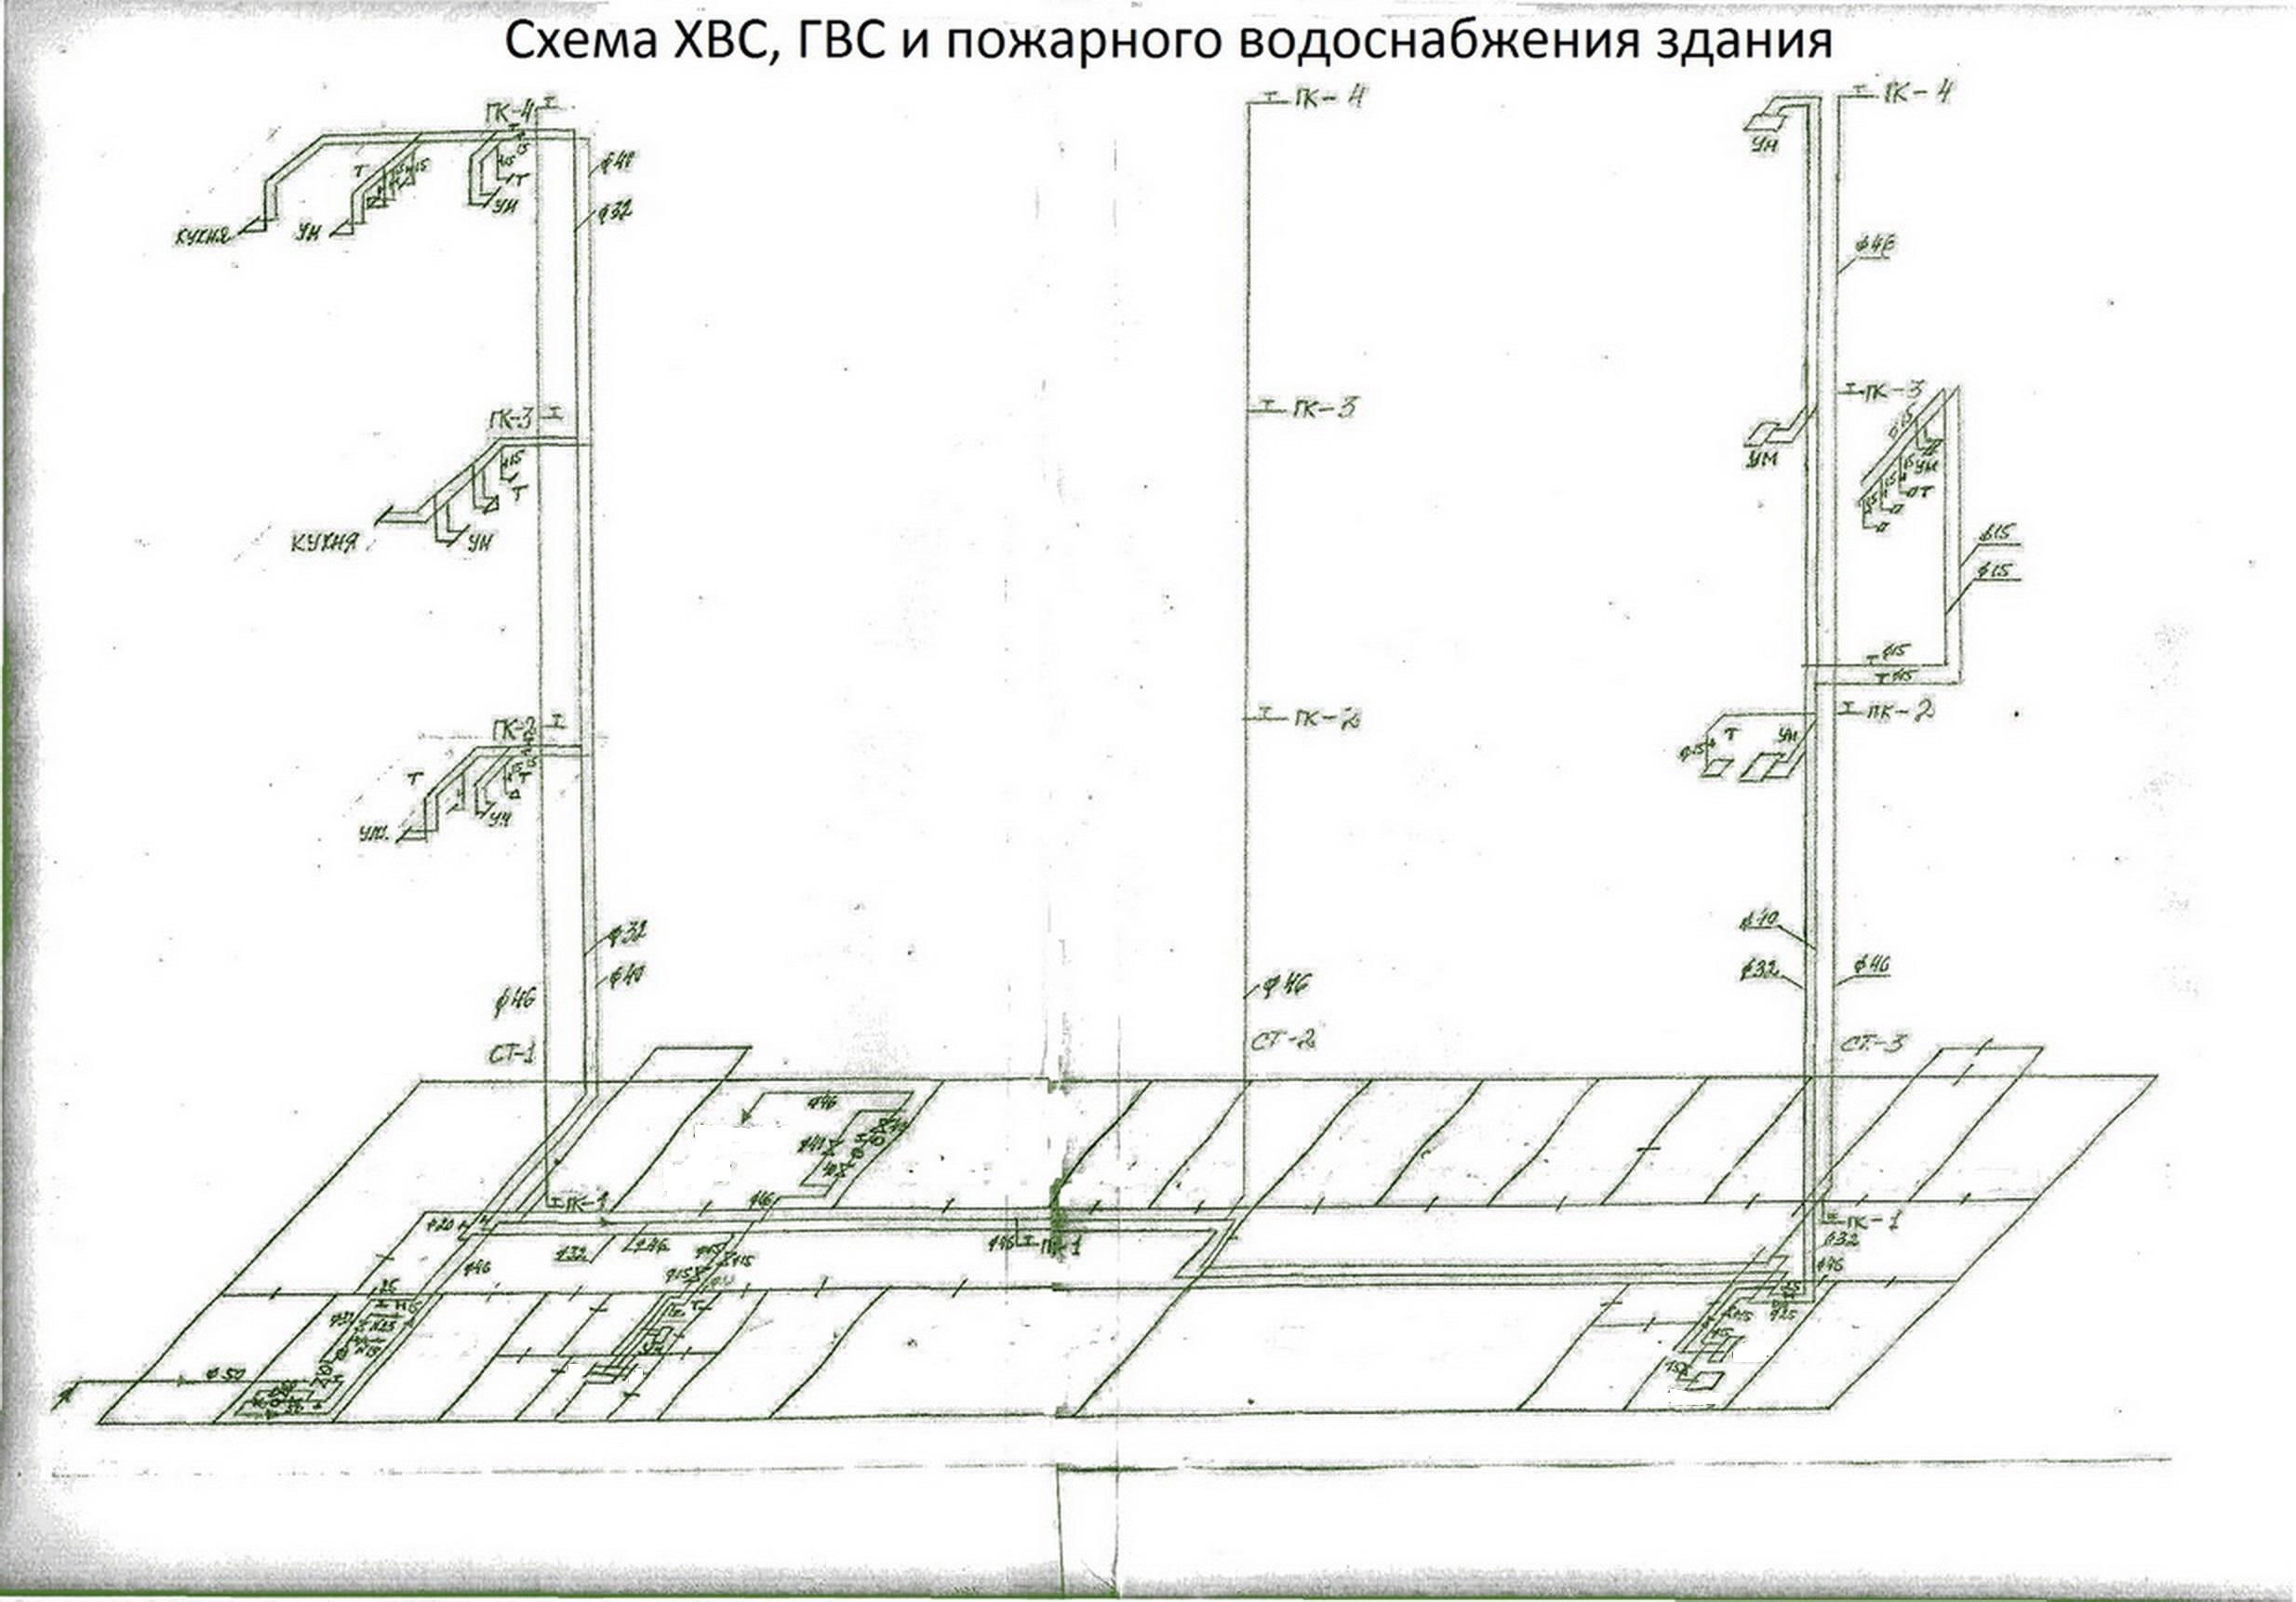 Схема ХВС